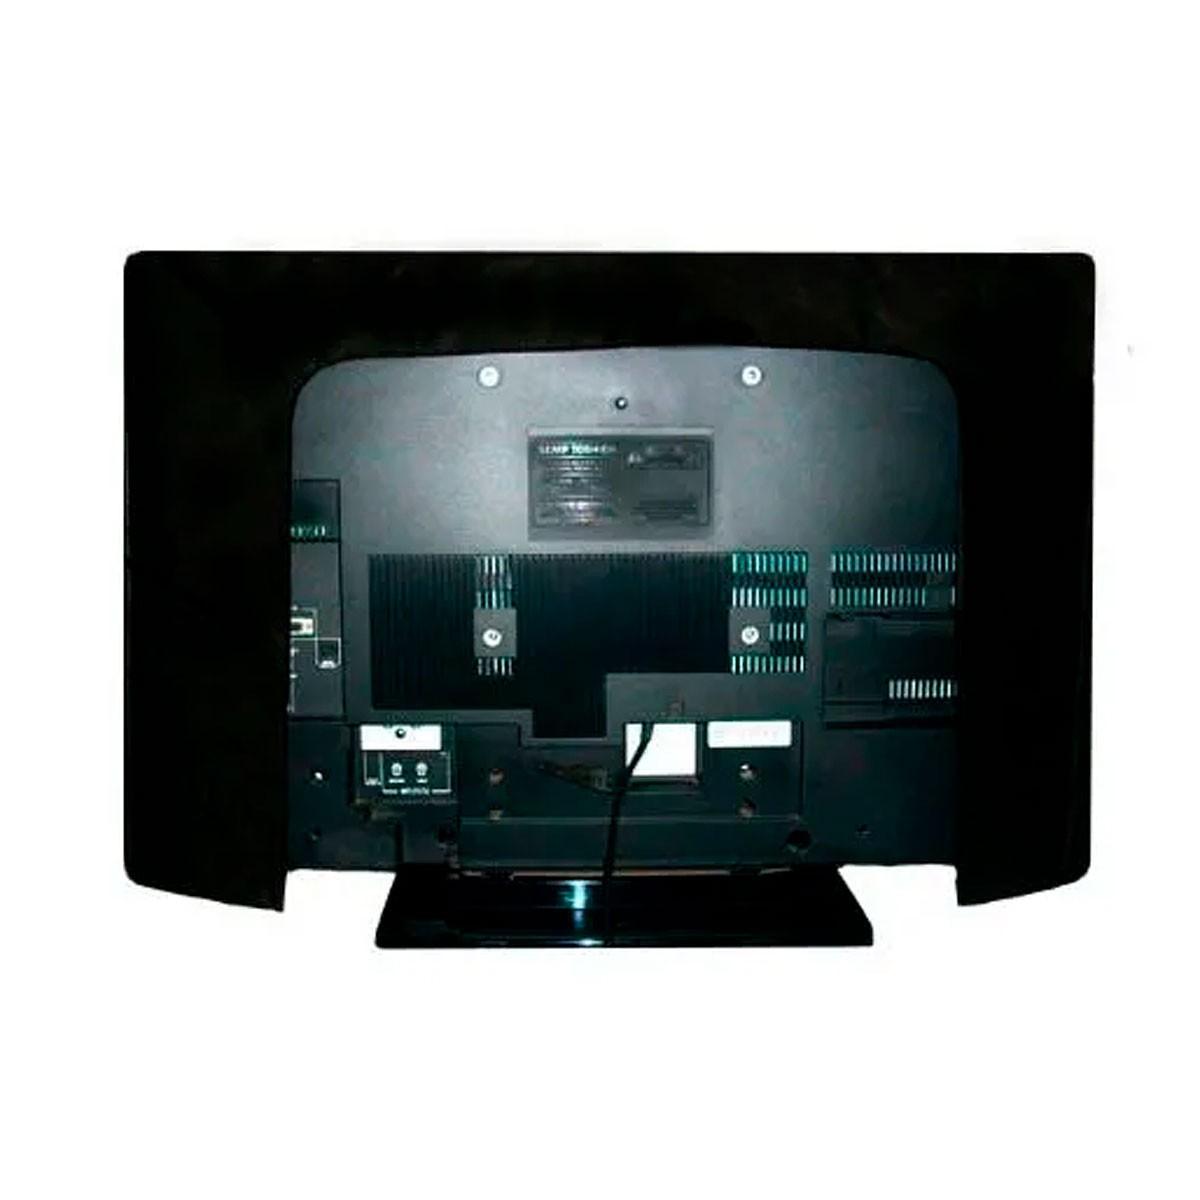 Capa De Luxo Em Corino Para Tv Lcd 50 - Suporte De Parede